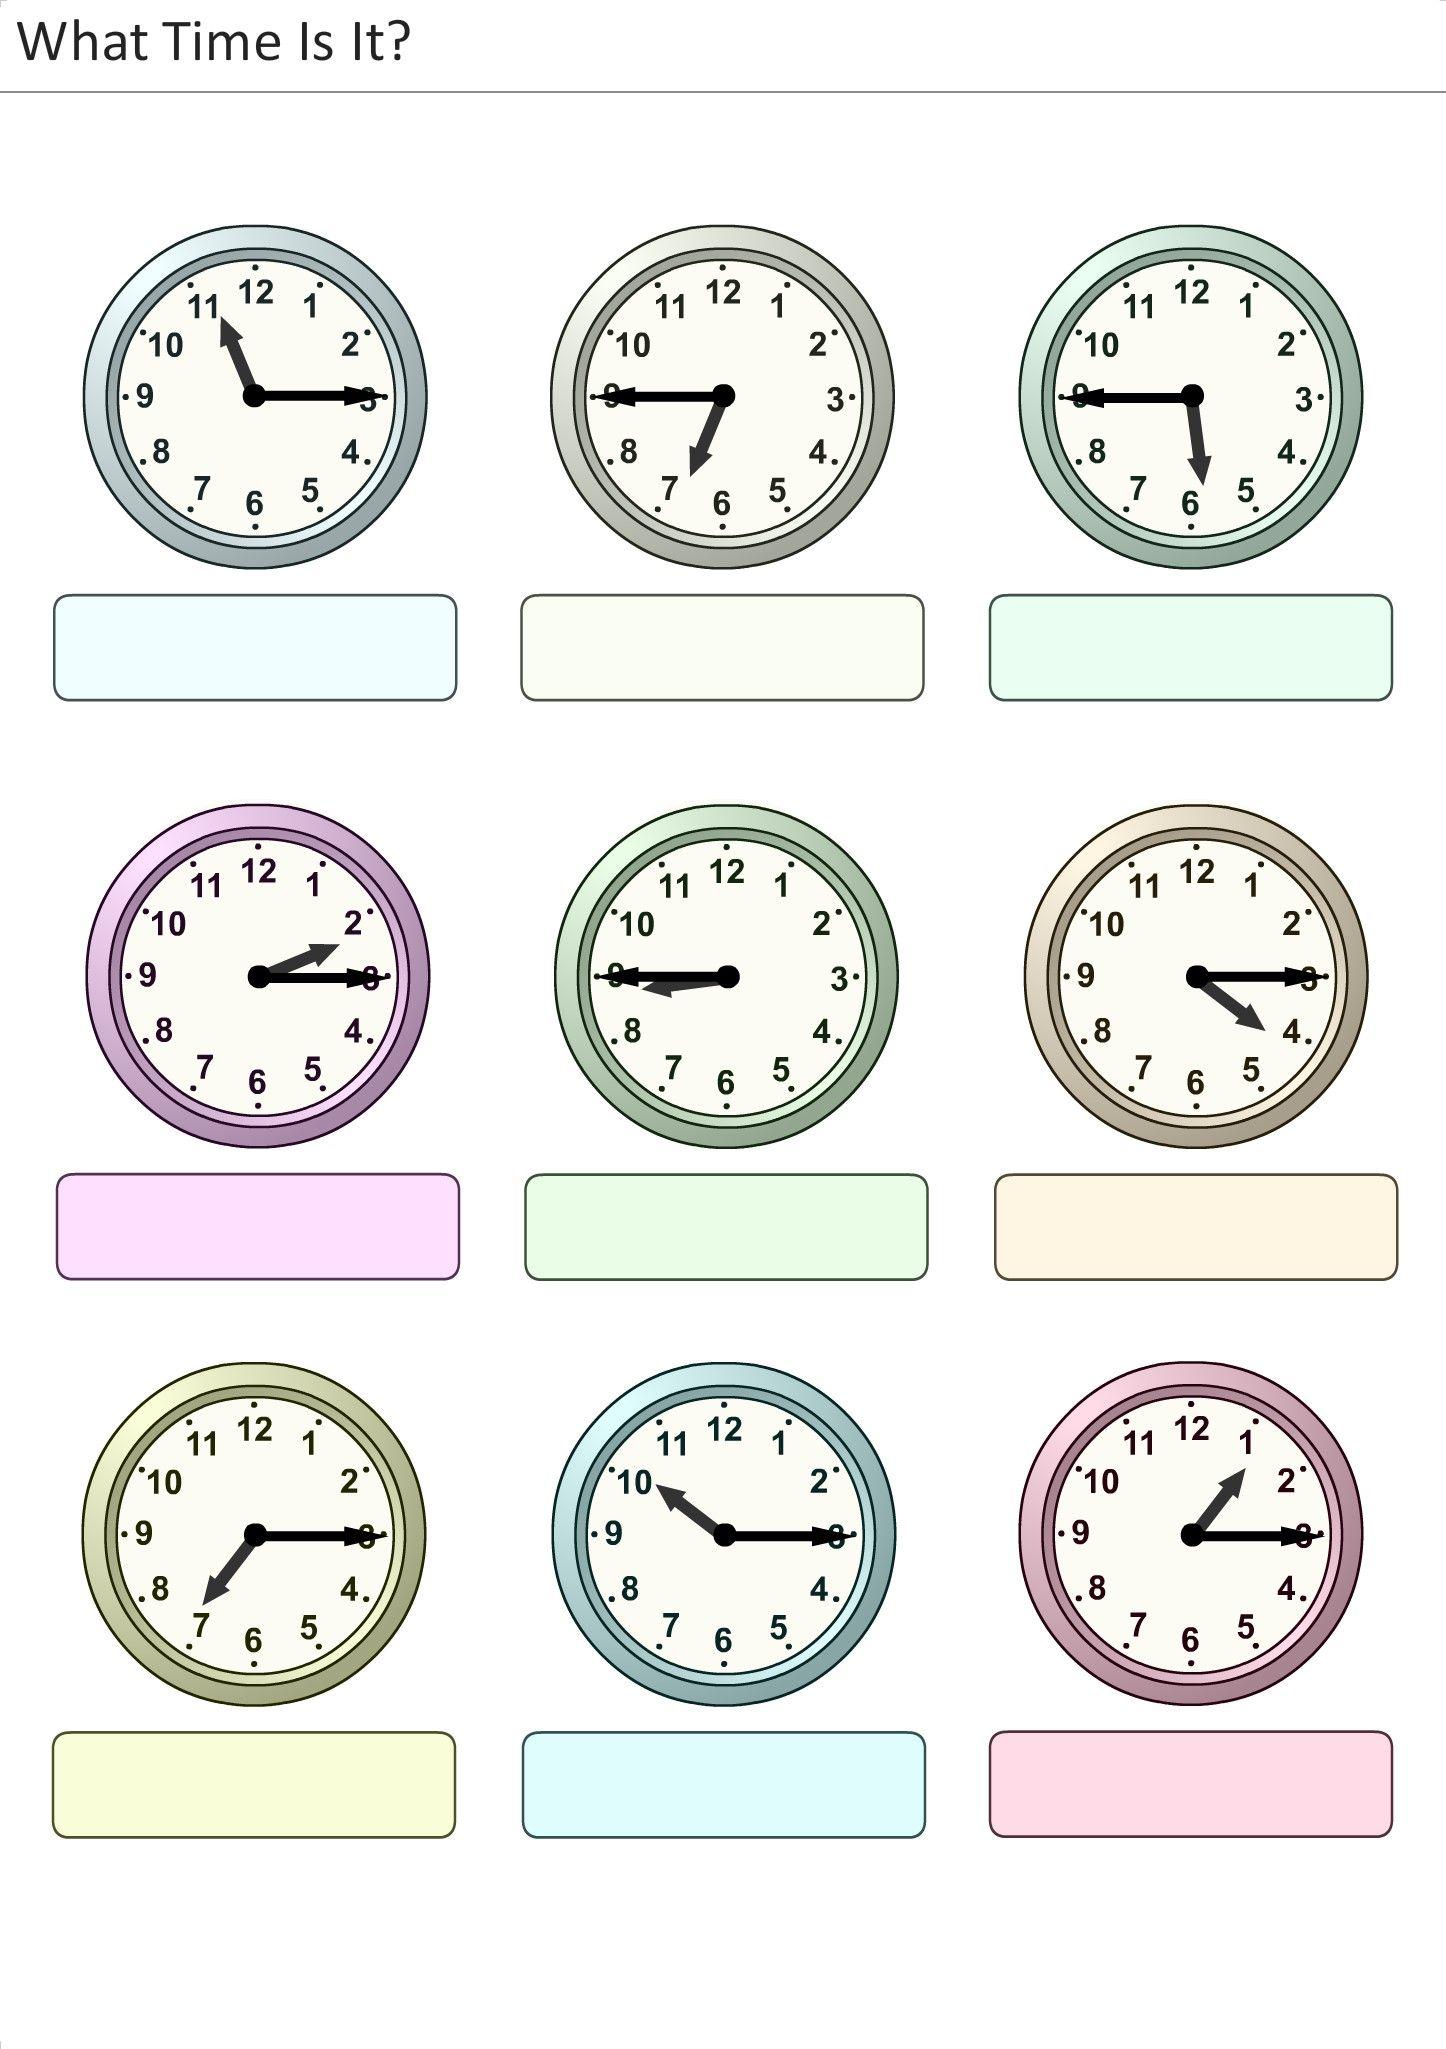 Worksheets La Hora Worksheet actividades para preescolar primaria e inicial plantillas con relojes analogicos aprender la